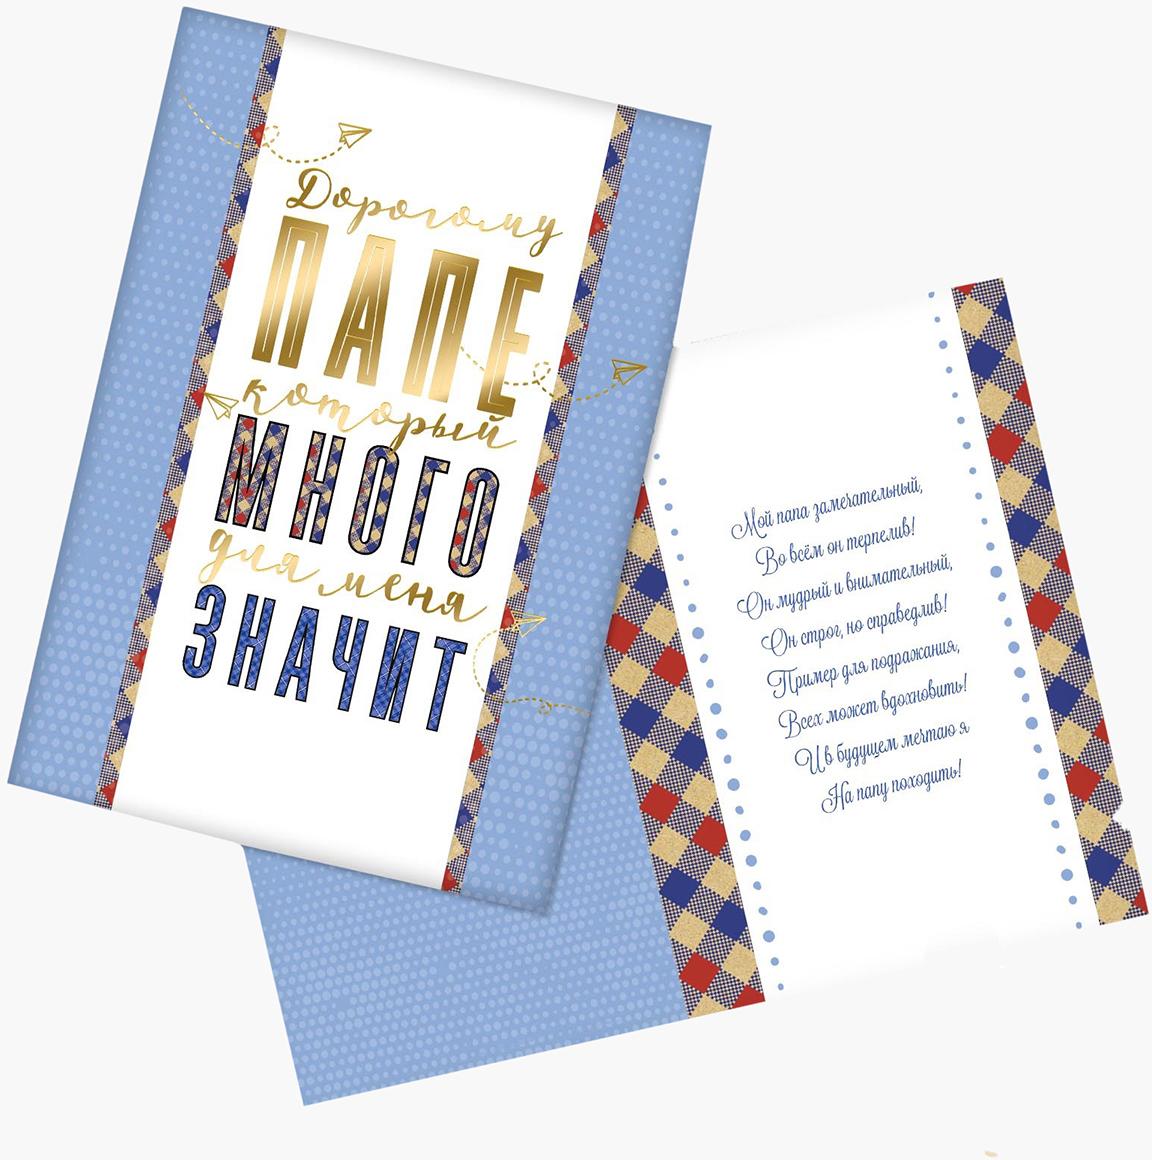 Открытка Дарите Счастье Дорогому папе, который много для меня значит, 12 х 18 см открытка дарите счастье люби стремись мечтай 12 х 18 см